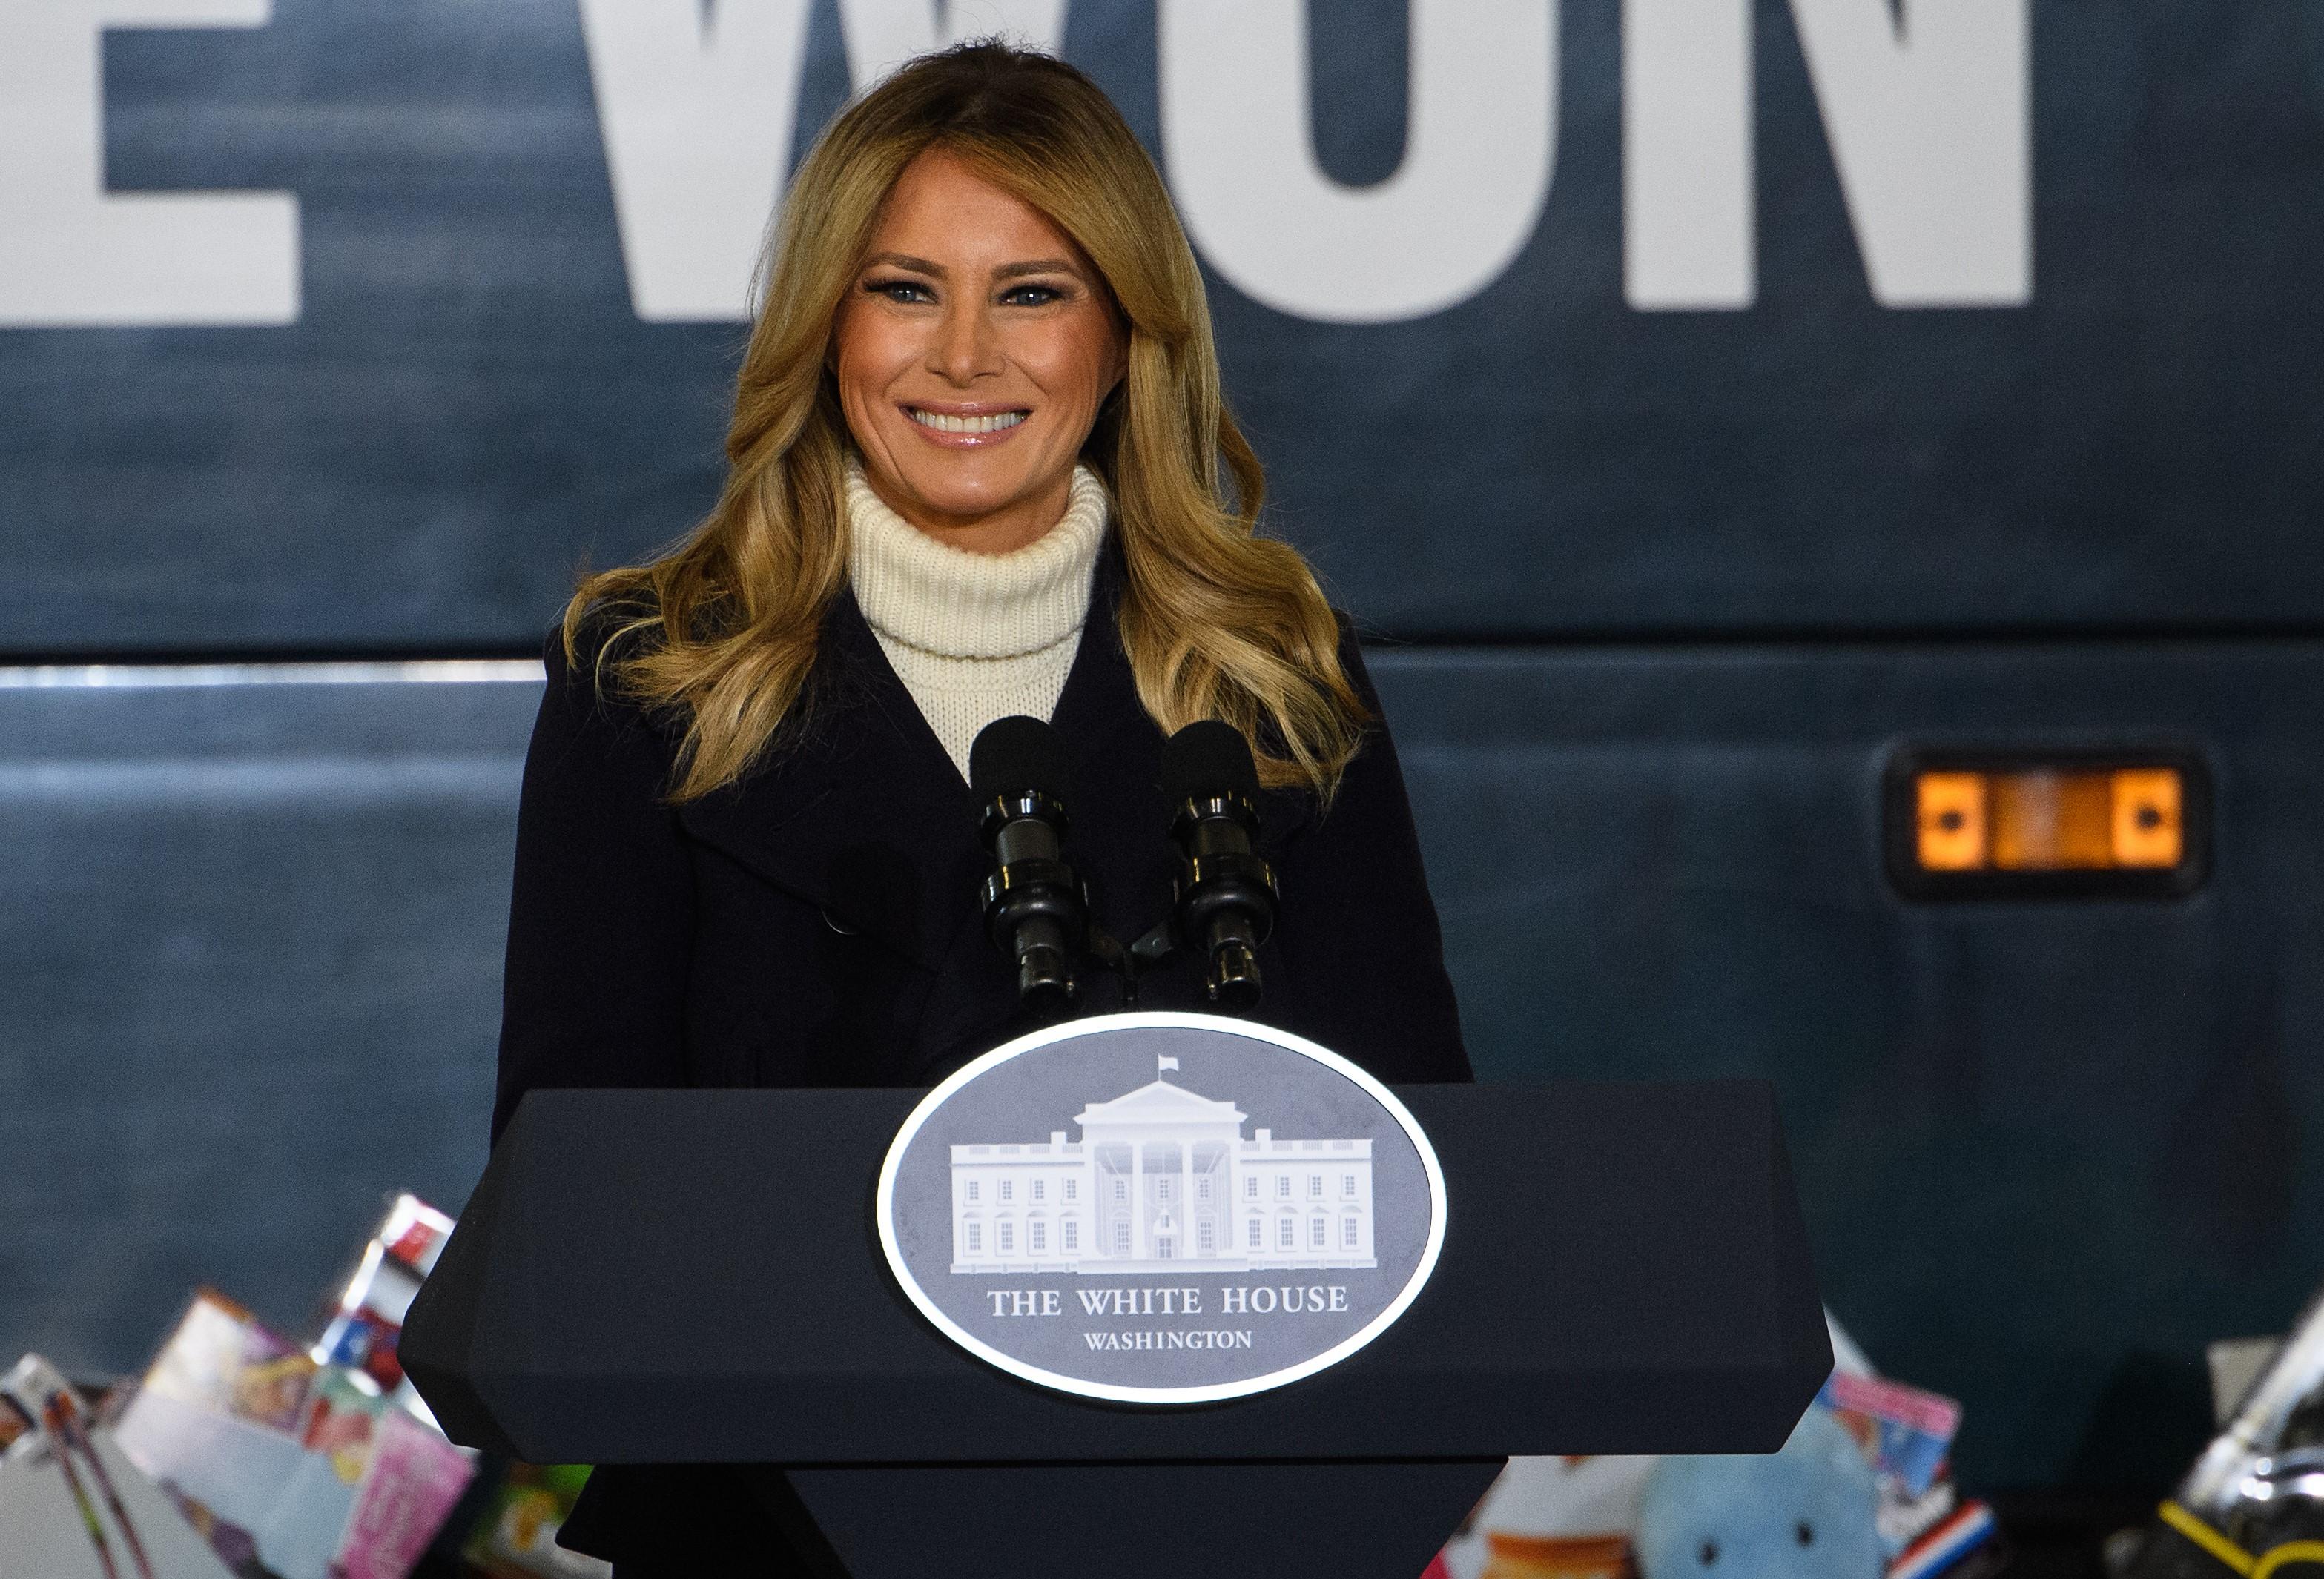 Melania Trump búcsúvideójában felejthetetlennek nevezte az elmúlt négy évet